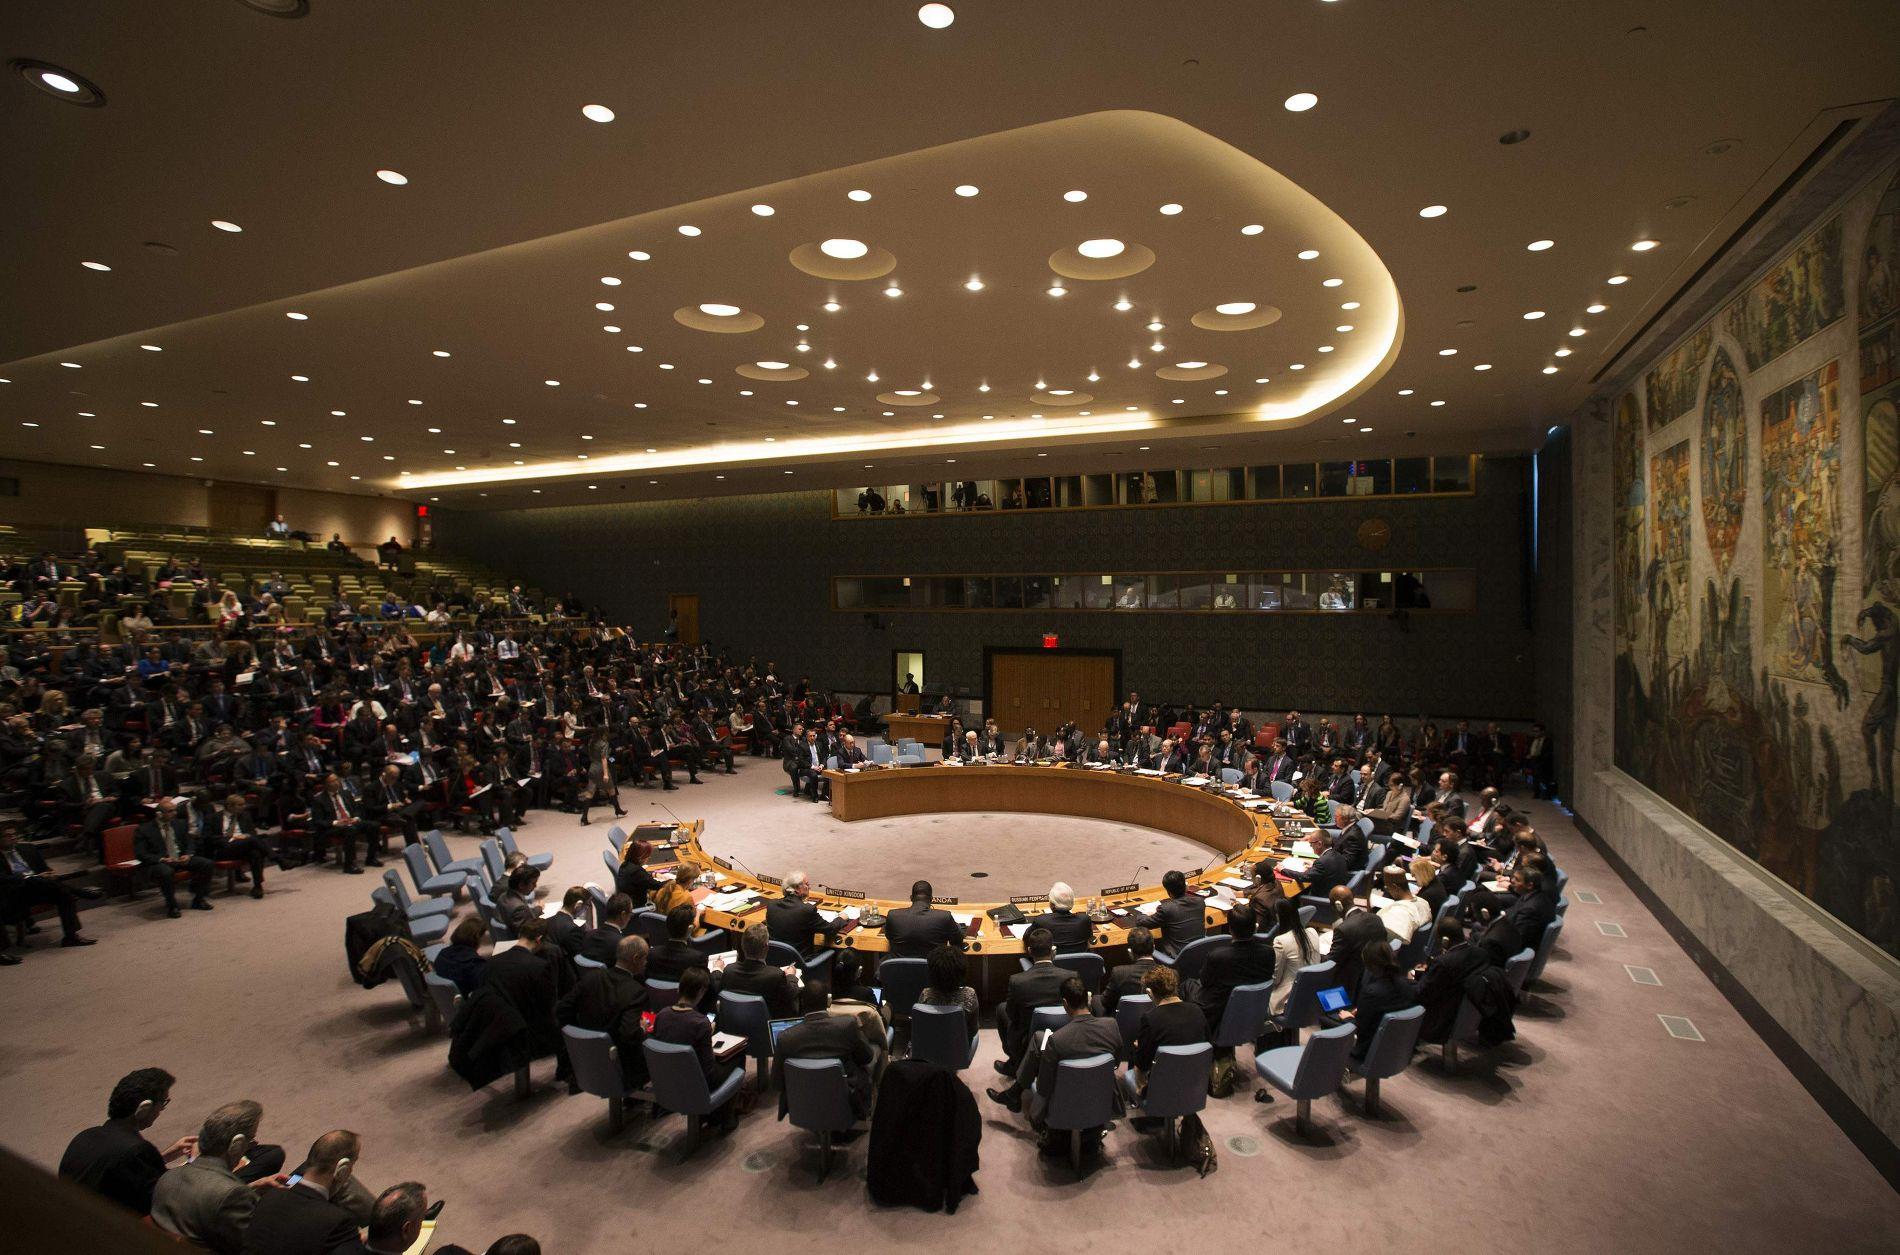 Российскую Федерацию невключили вСовет поправам человека ООН